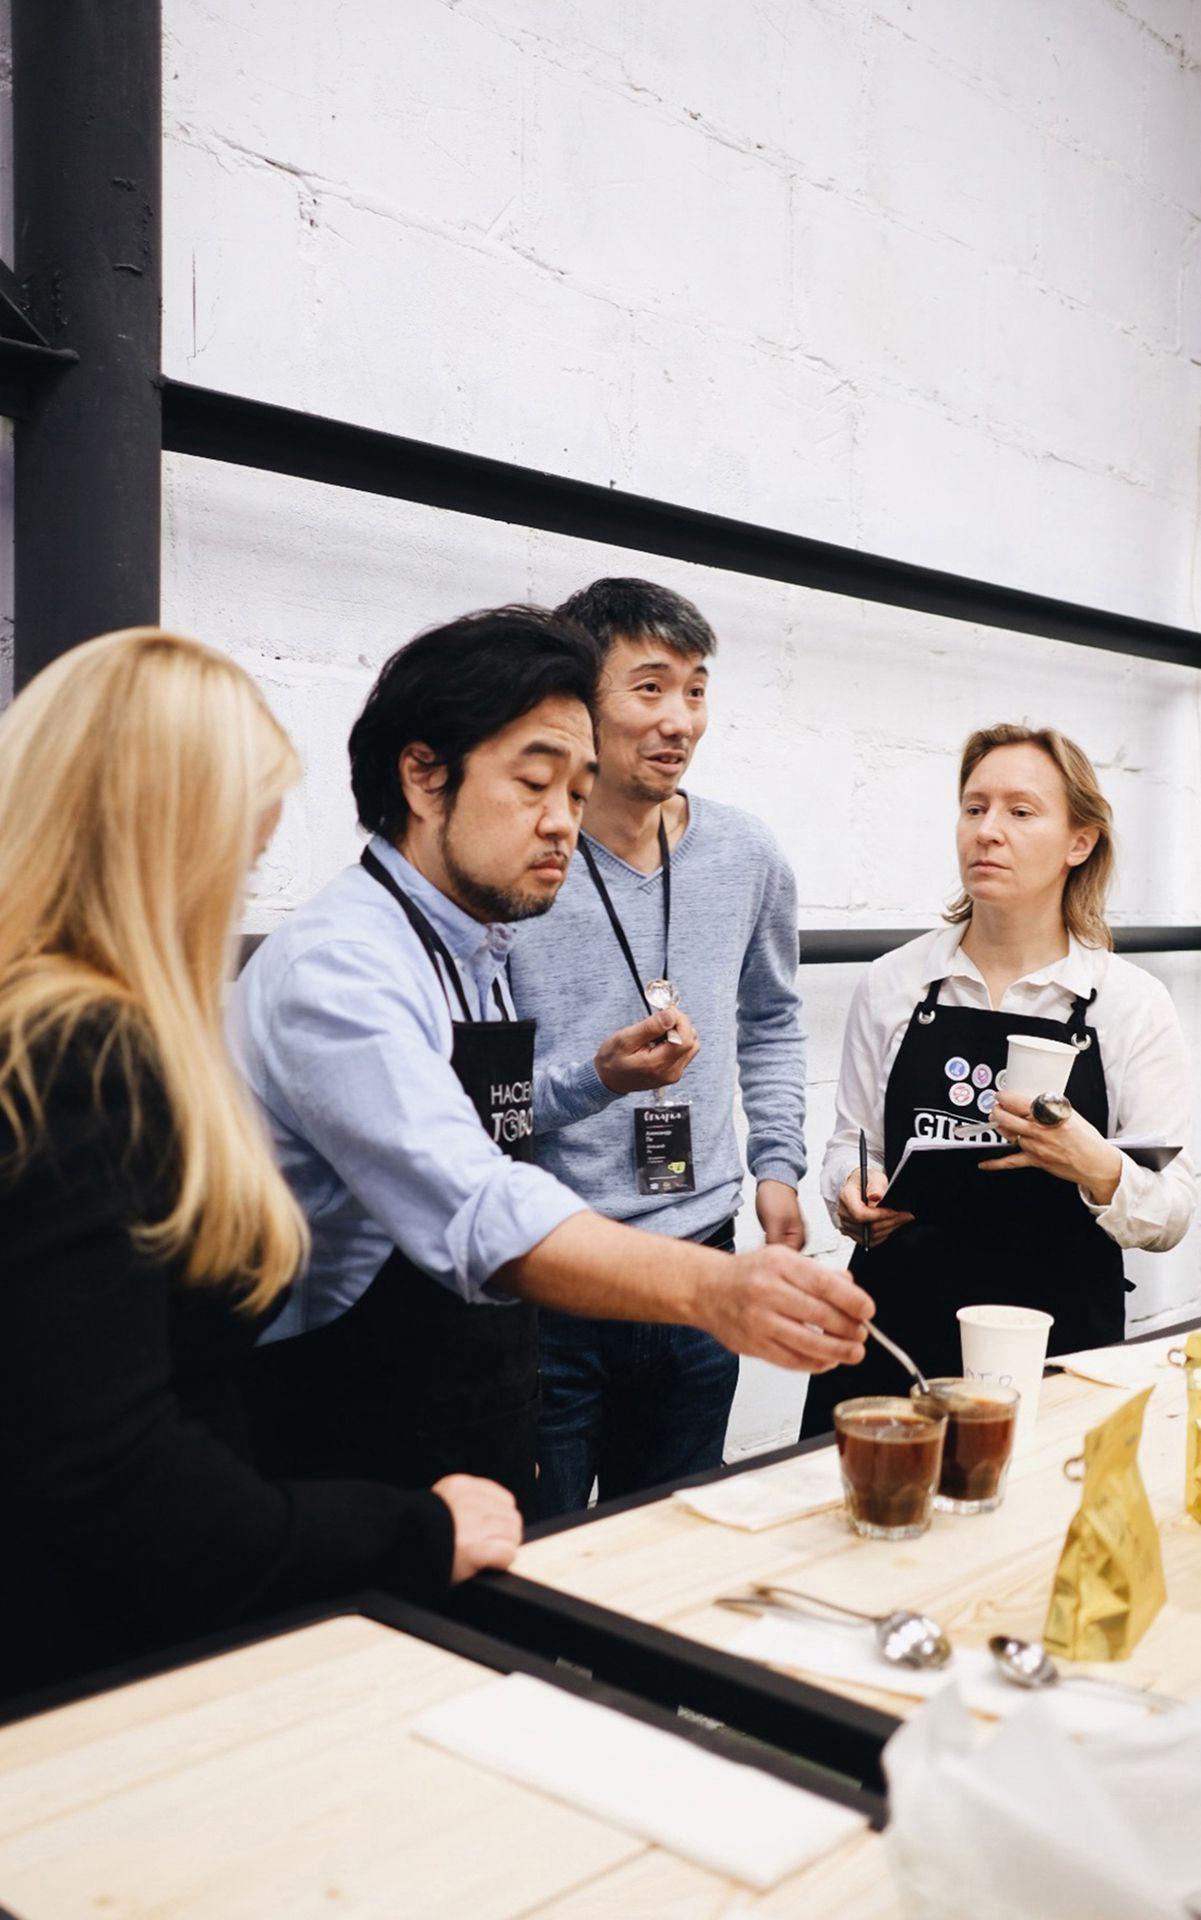 Дизайн корпоративной одежды в фирменном стиле Tasty Coffee от Мухина Дизайн